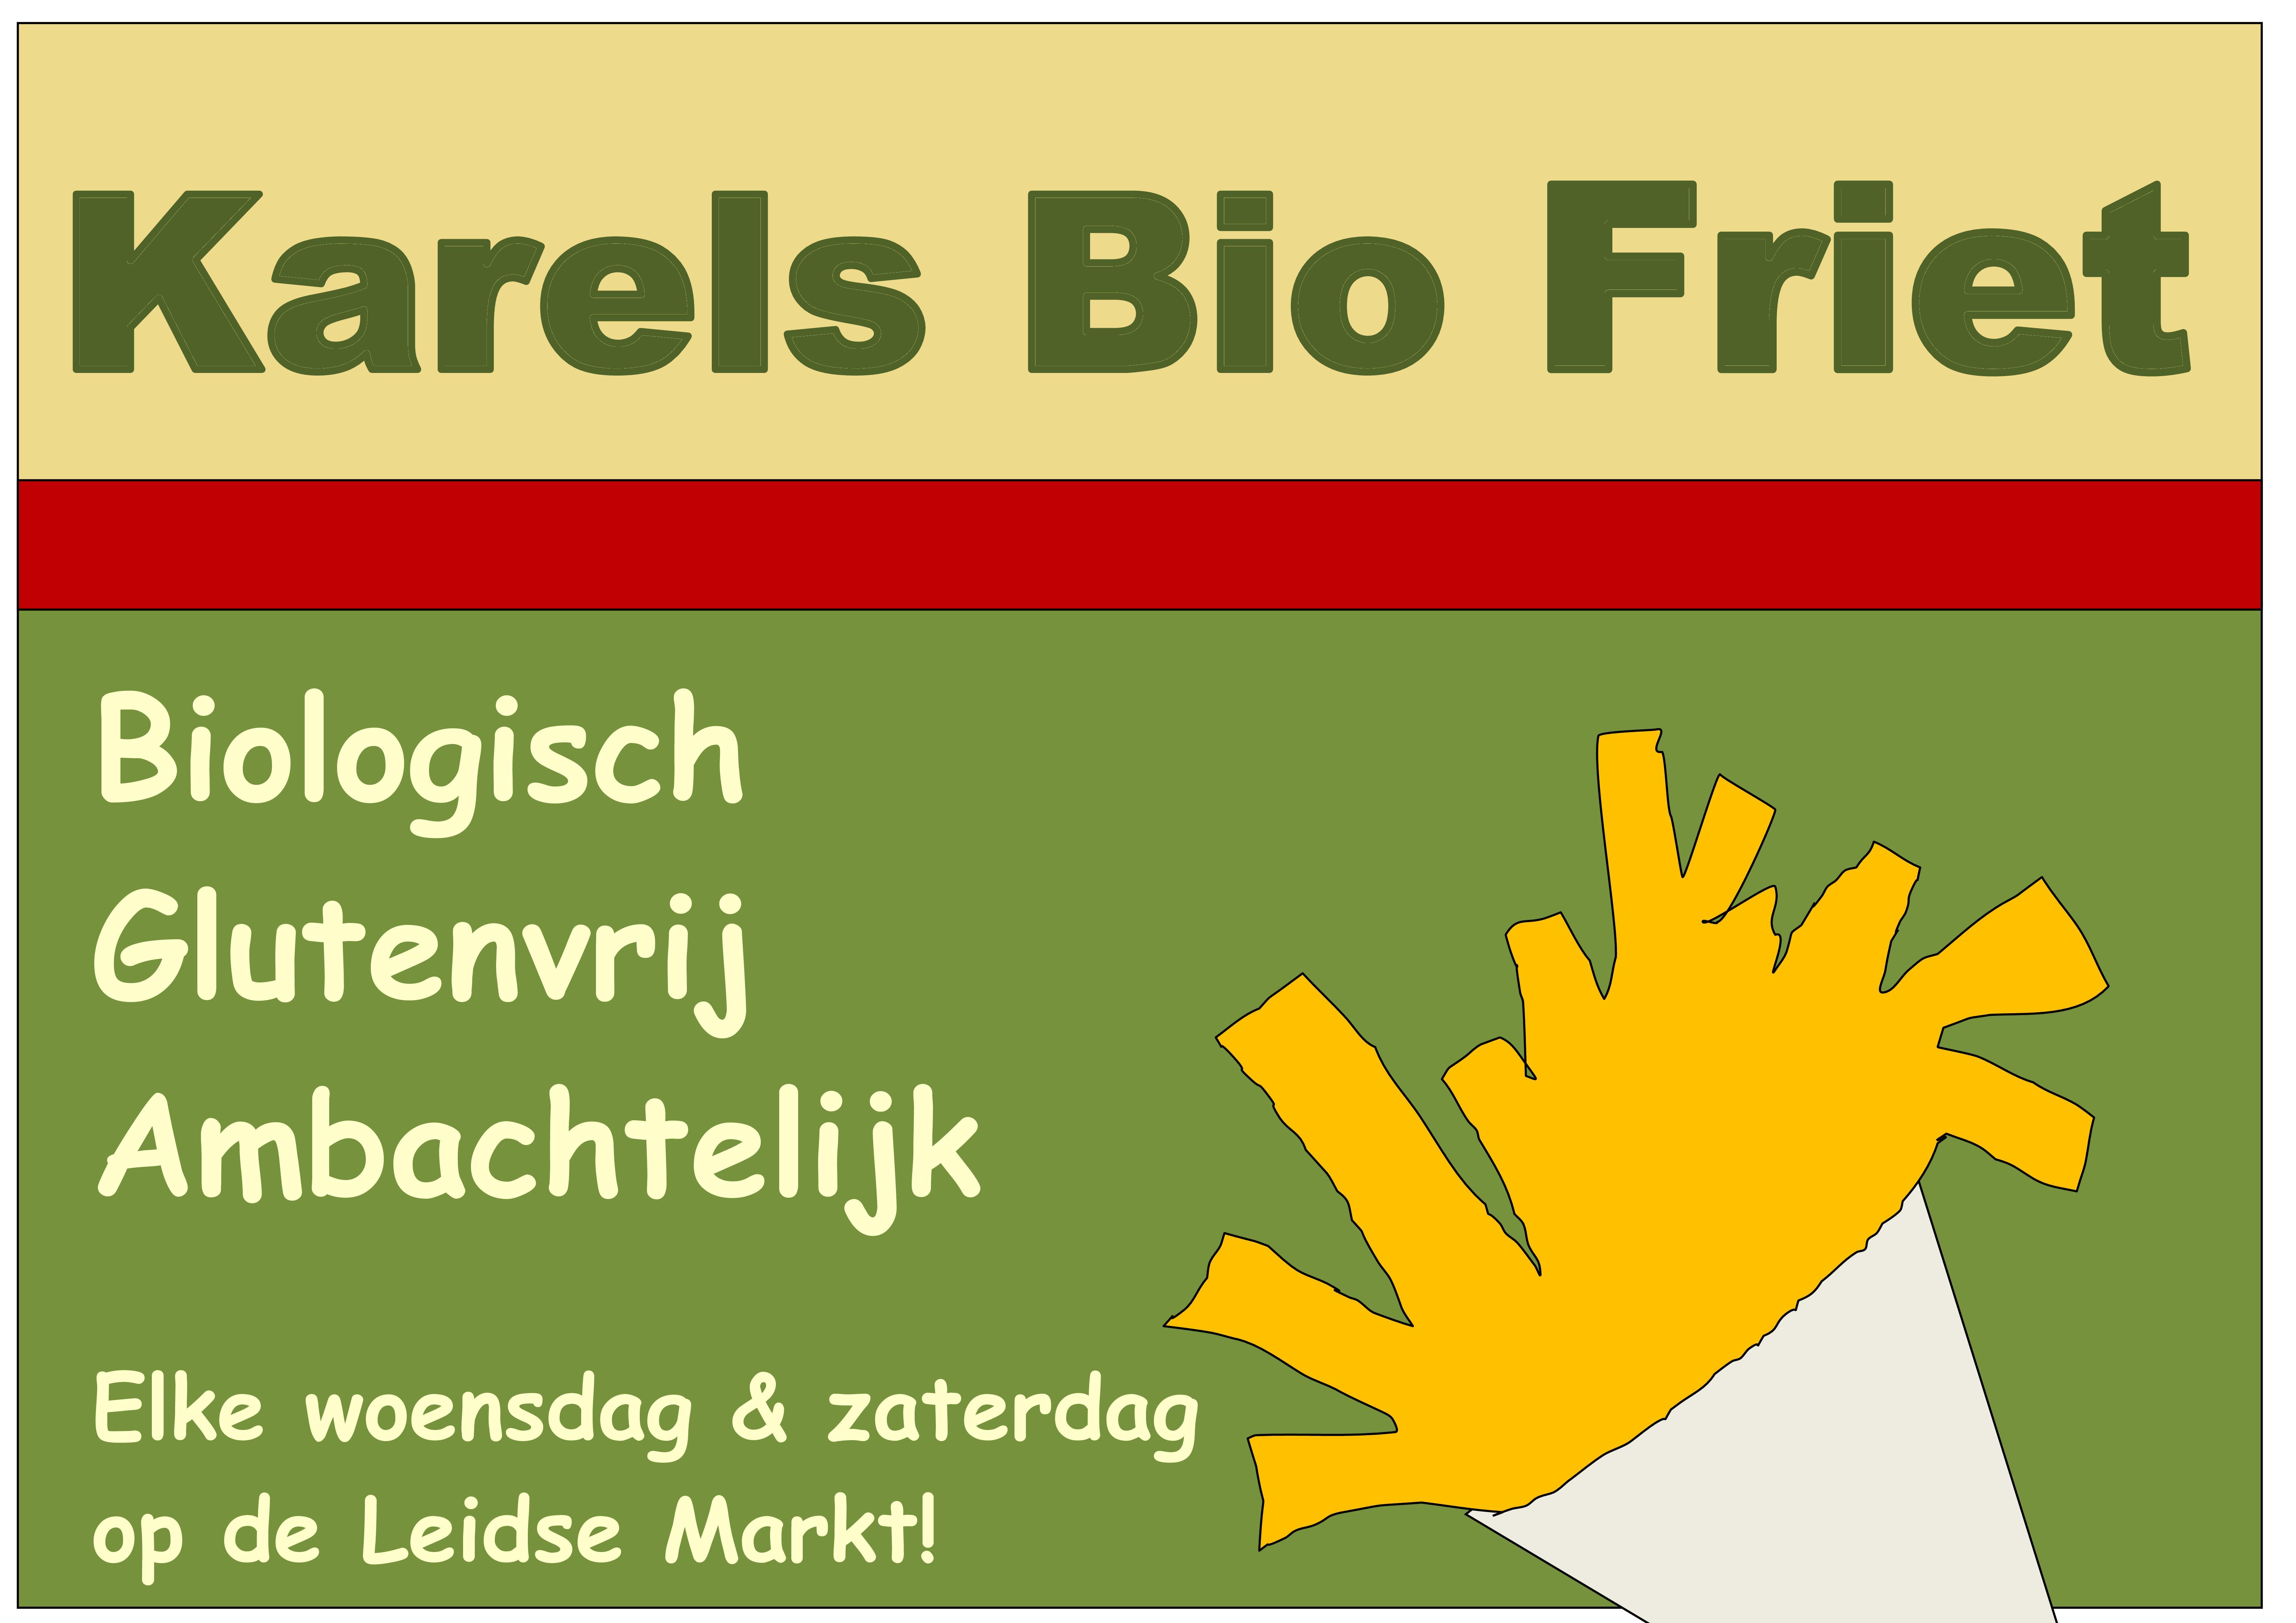 Karels Bio Friet